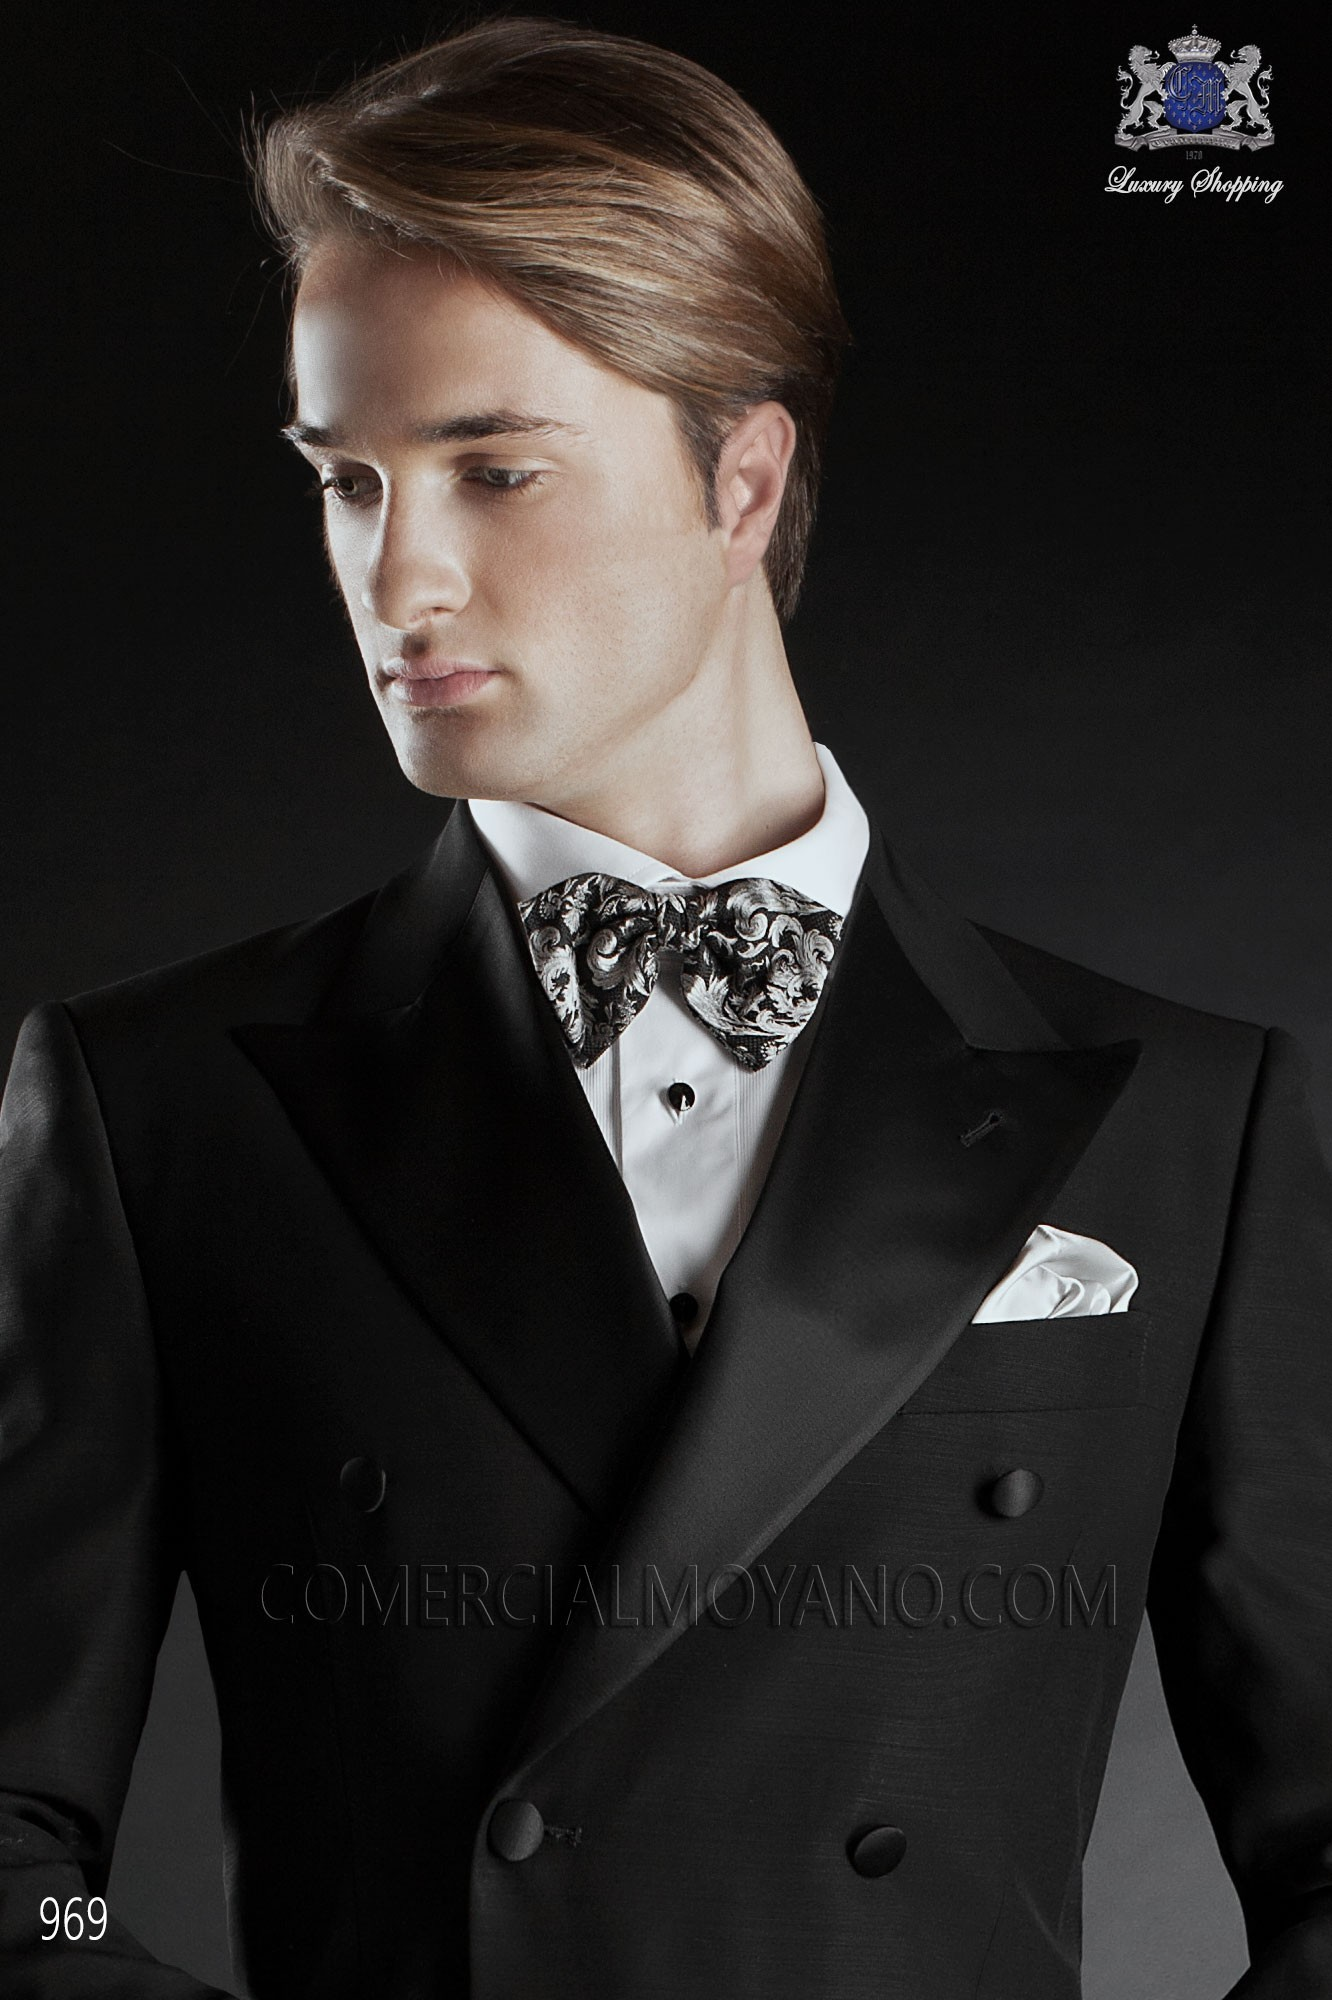 Italian blacktie black men wedding suit, model: 969 Ottavio Nuccio Gala 2017 Black Tie Collection